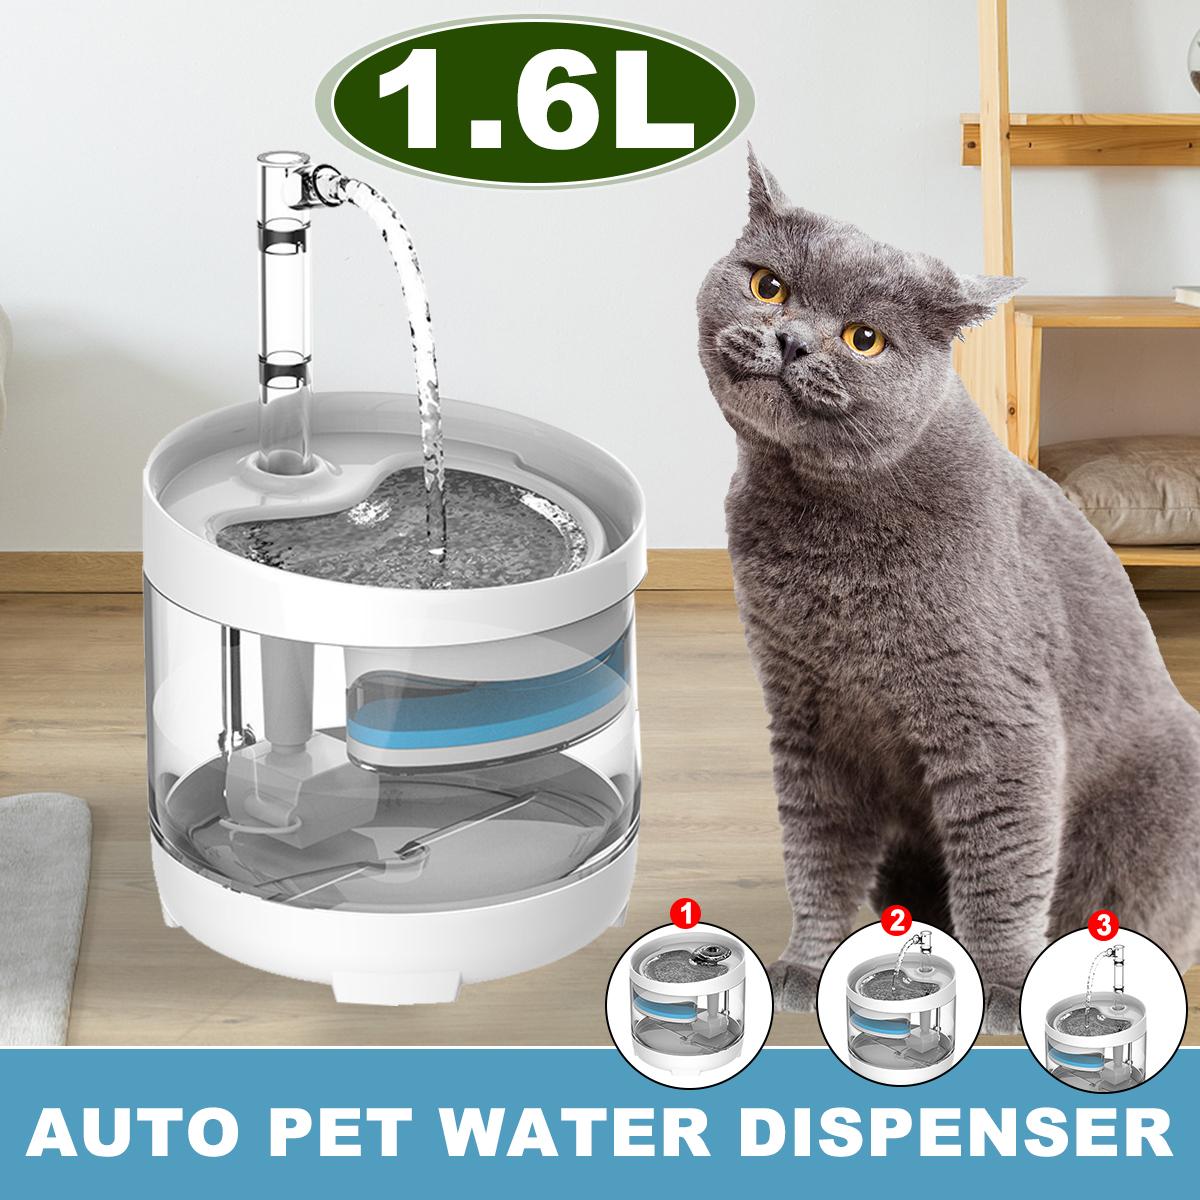 Đài Phun Nước Cho Mèo 1.6L, Đài Phun Nước Cho Thú Cưng, Cho Mèo Và Chó, Máy Rút Nước Phụ Kiện Cho Chó Bát Uống Nước Phụ Kiện Mèo